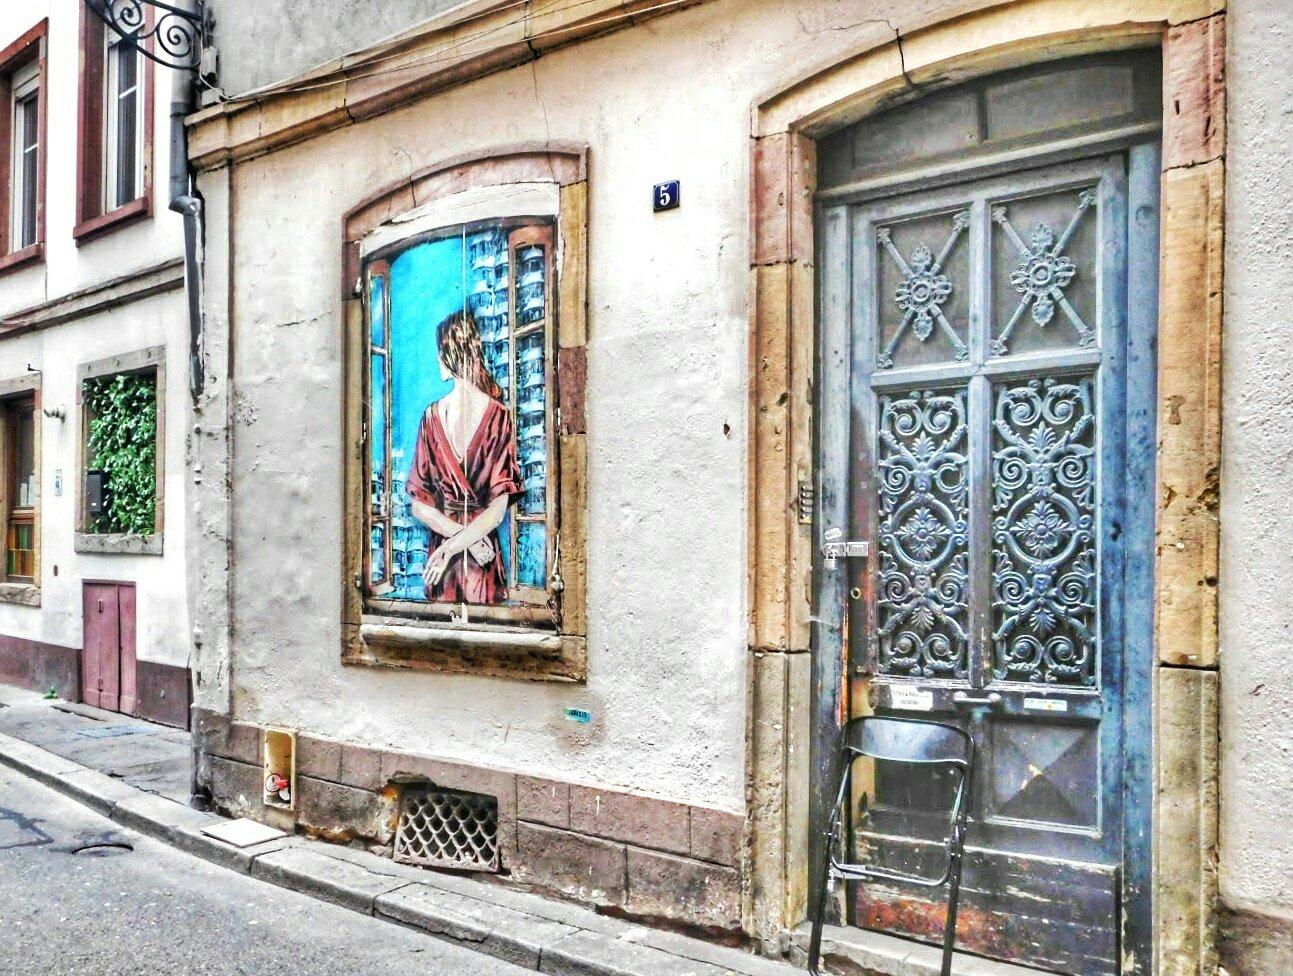 Rue du Puitts - Strasbourg, France